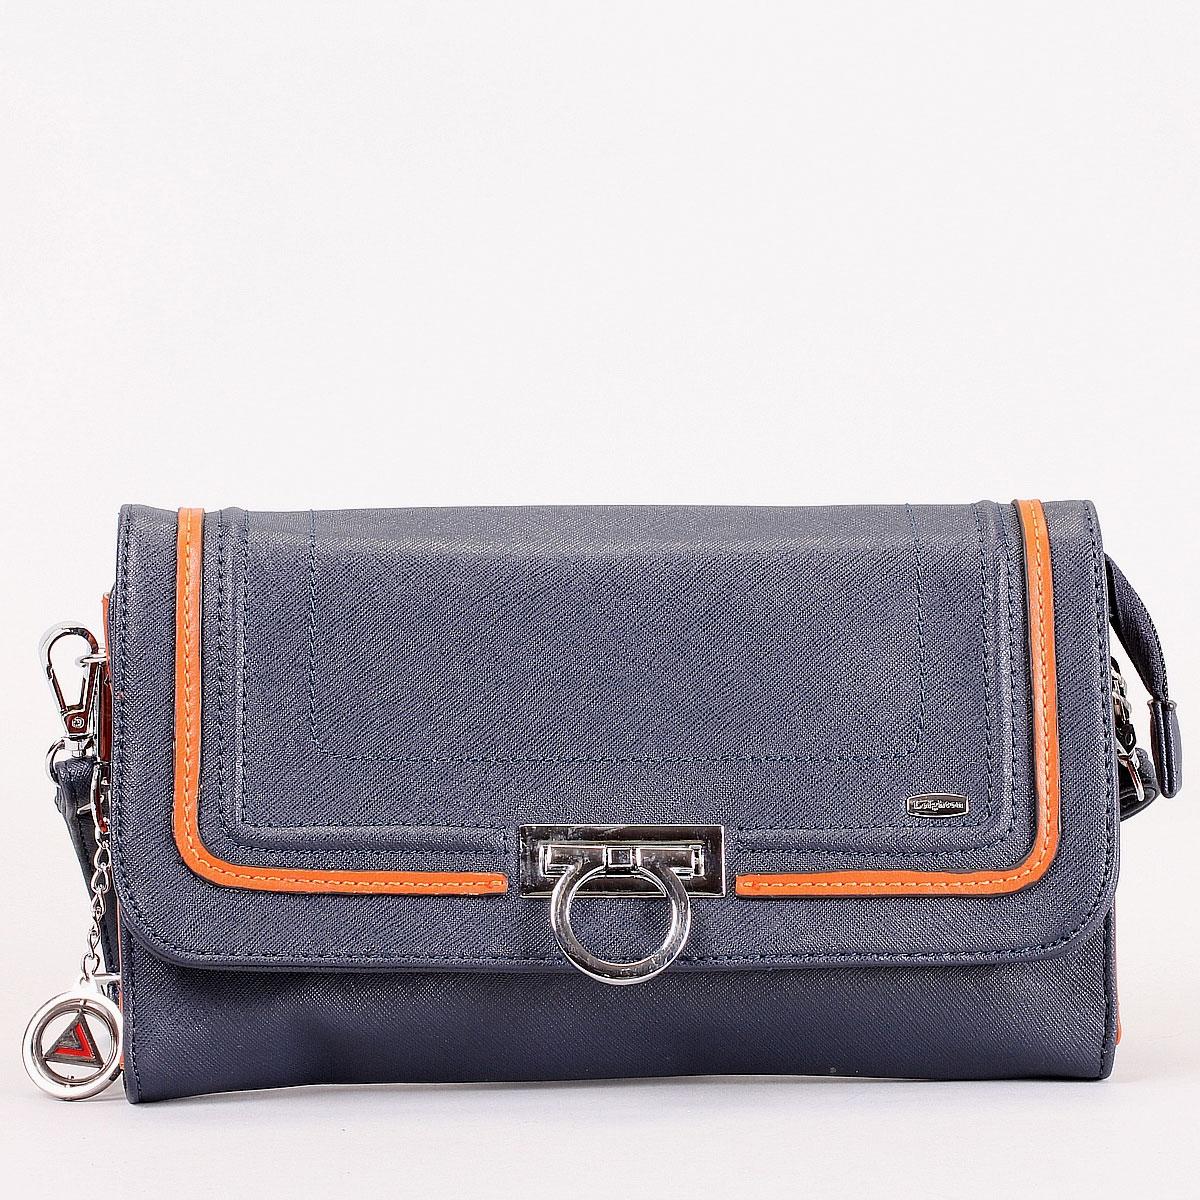 Клатч Leighton, цвет: синий, оранжевый. 570306-3769570306-3769/4/1166/813Модный клатч Leighton выполнен из искусственной кожи с фактурным тиснением и отделкой из оранжевой кожи. Клатч имеет одно отделение, закрывающееся на застежку-молнию и сверху широким клапаном. Внутри - смежный карман на молнии, два накладных кармана для мелочей и шесть наборных кармашков для кредитных карт. С внешней стороны на задней стенке сумки расположен вшитый карман на молнии. Клатч оснащен плечевым ремнем регулируемой длины. Фурнитура - серебристого цвета. Стильный клатч станет финальным штрихом в создании вашего неповторимого образа. Характеристики: Материал: искусственная кожа, текстиль, металл. Цвет: синий, оранжевый. Размер клатча (ДхШхВ): 26 см х 15 см х 3 см. Длина ремня (регулируется): 60 см.